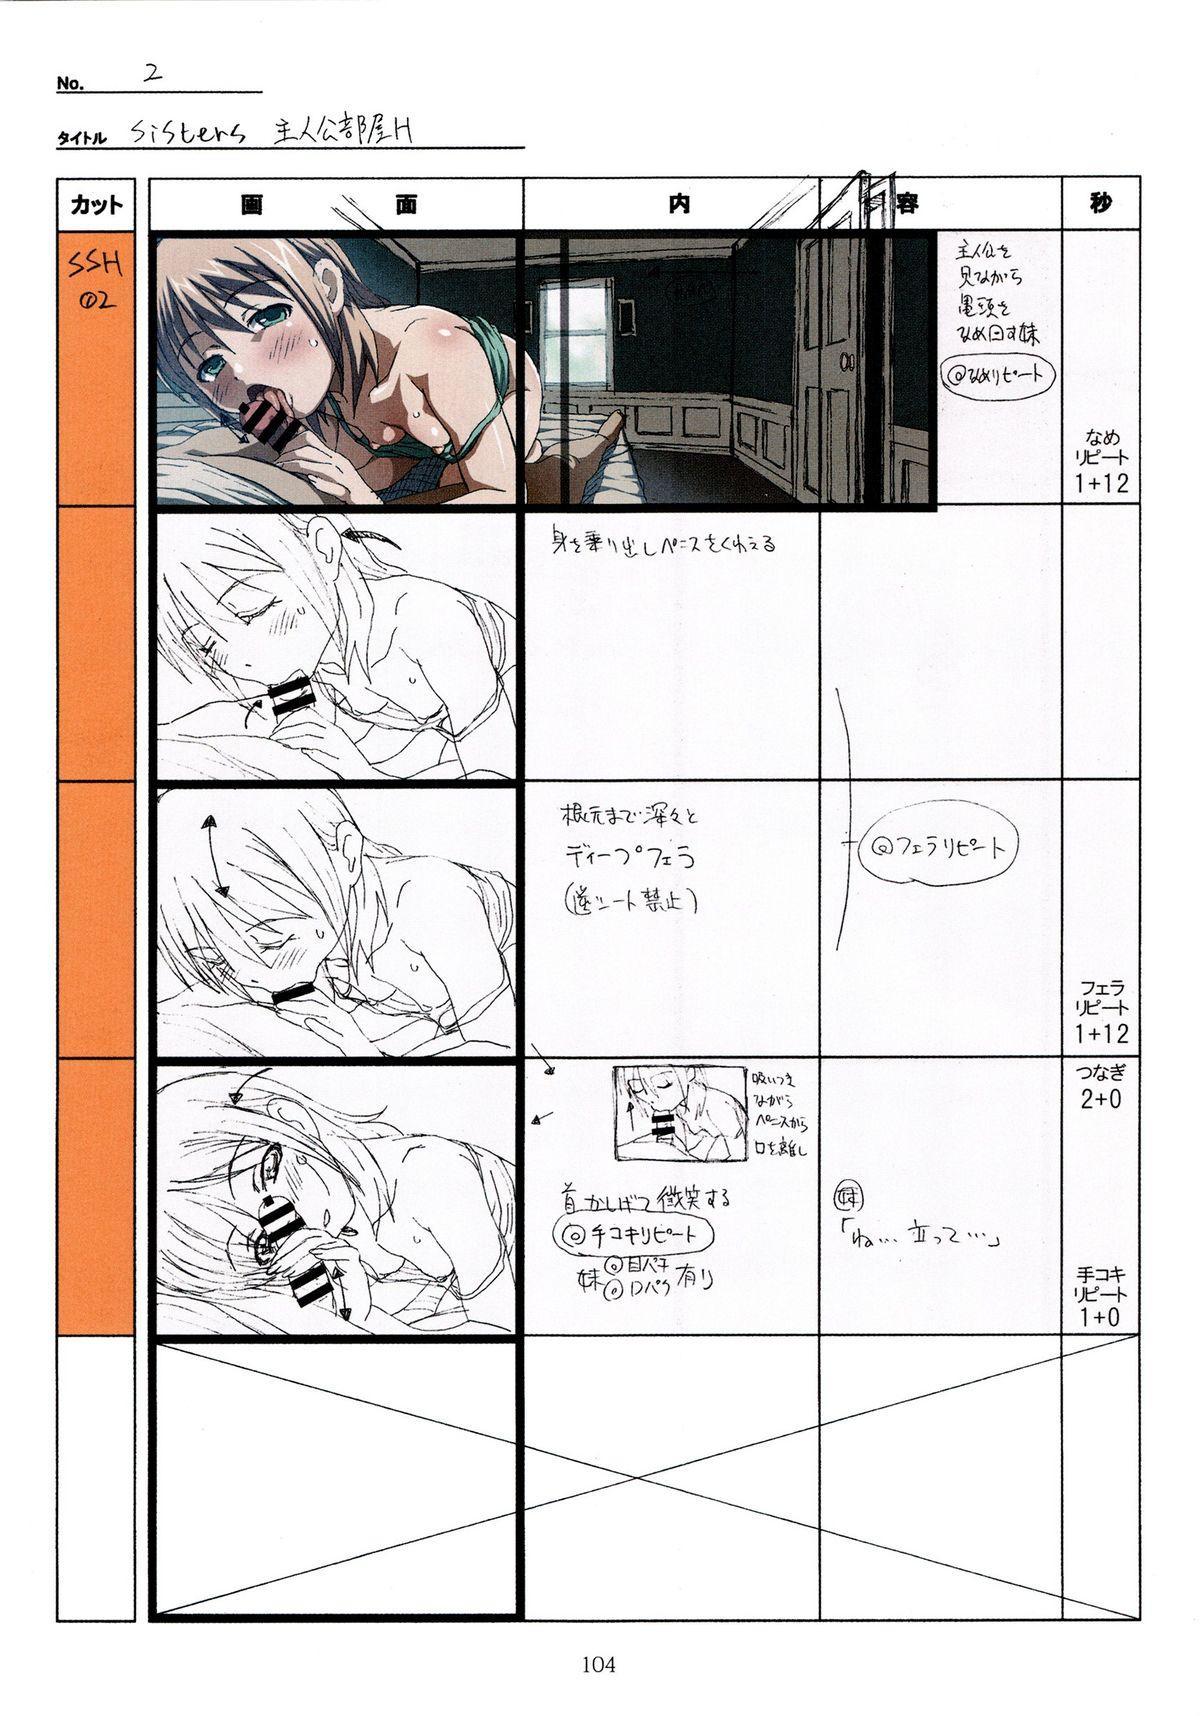 (C89) [Makino Jimusho (Taki Minashika)] SISTERS -Natsu no Saigo no Hi- H Scene All Part Storyboard (SISTERS -Natsu no Saigo no Hi-) 103